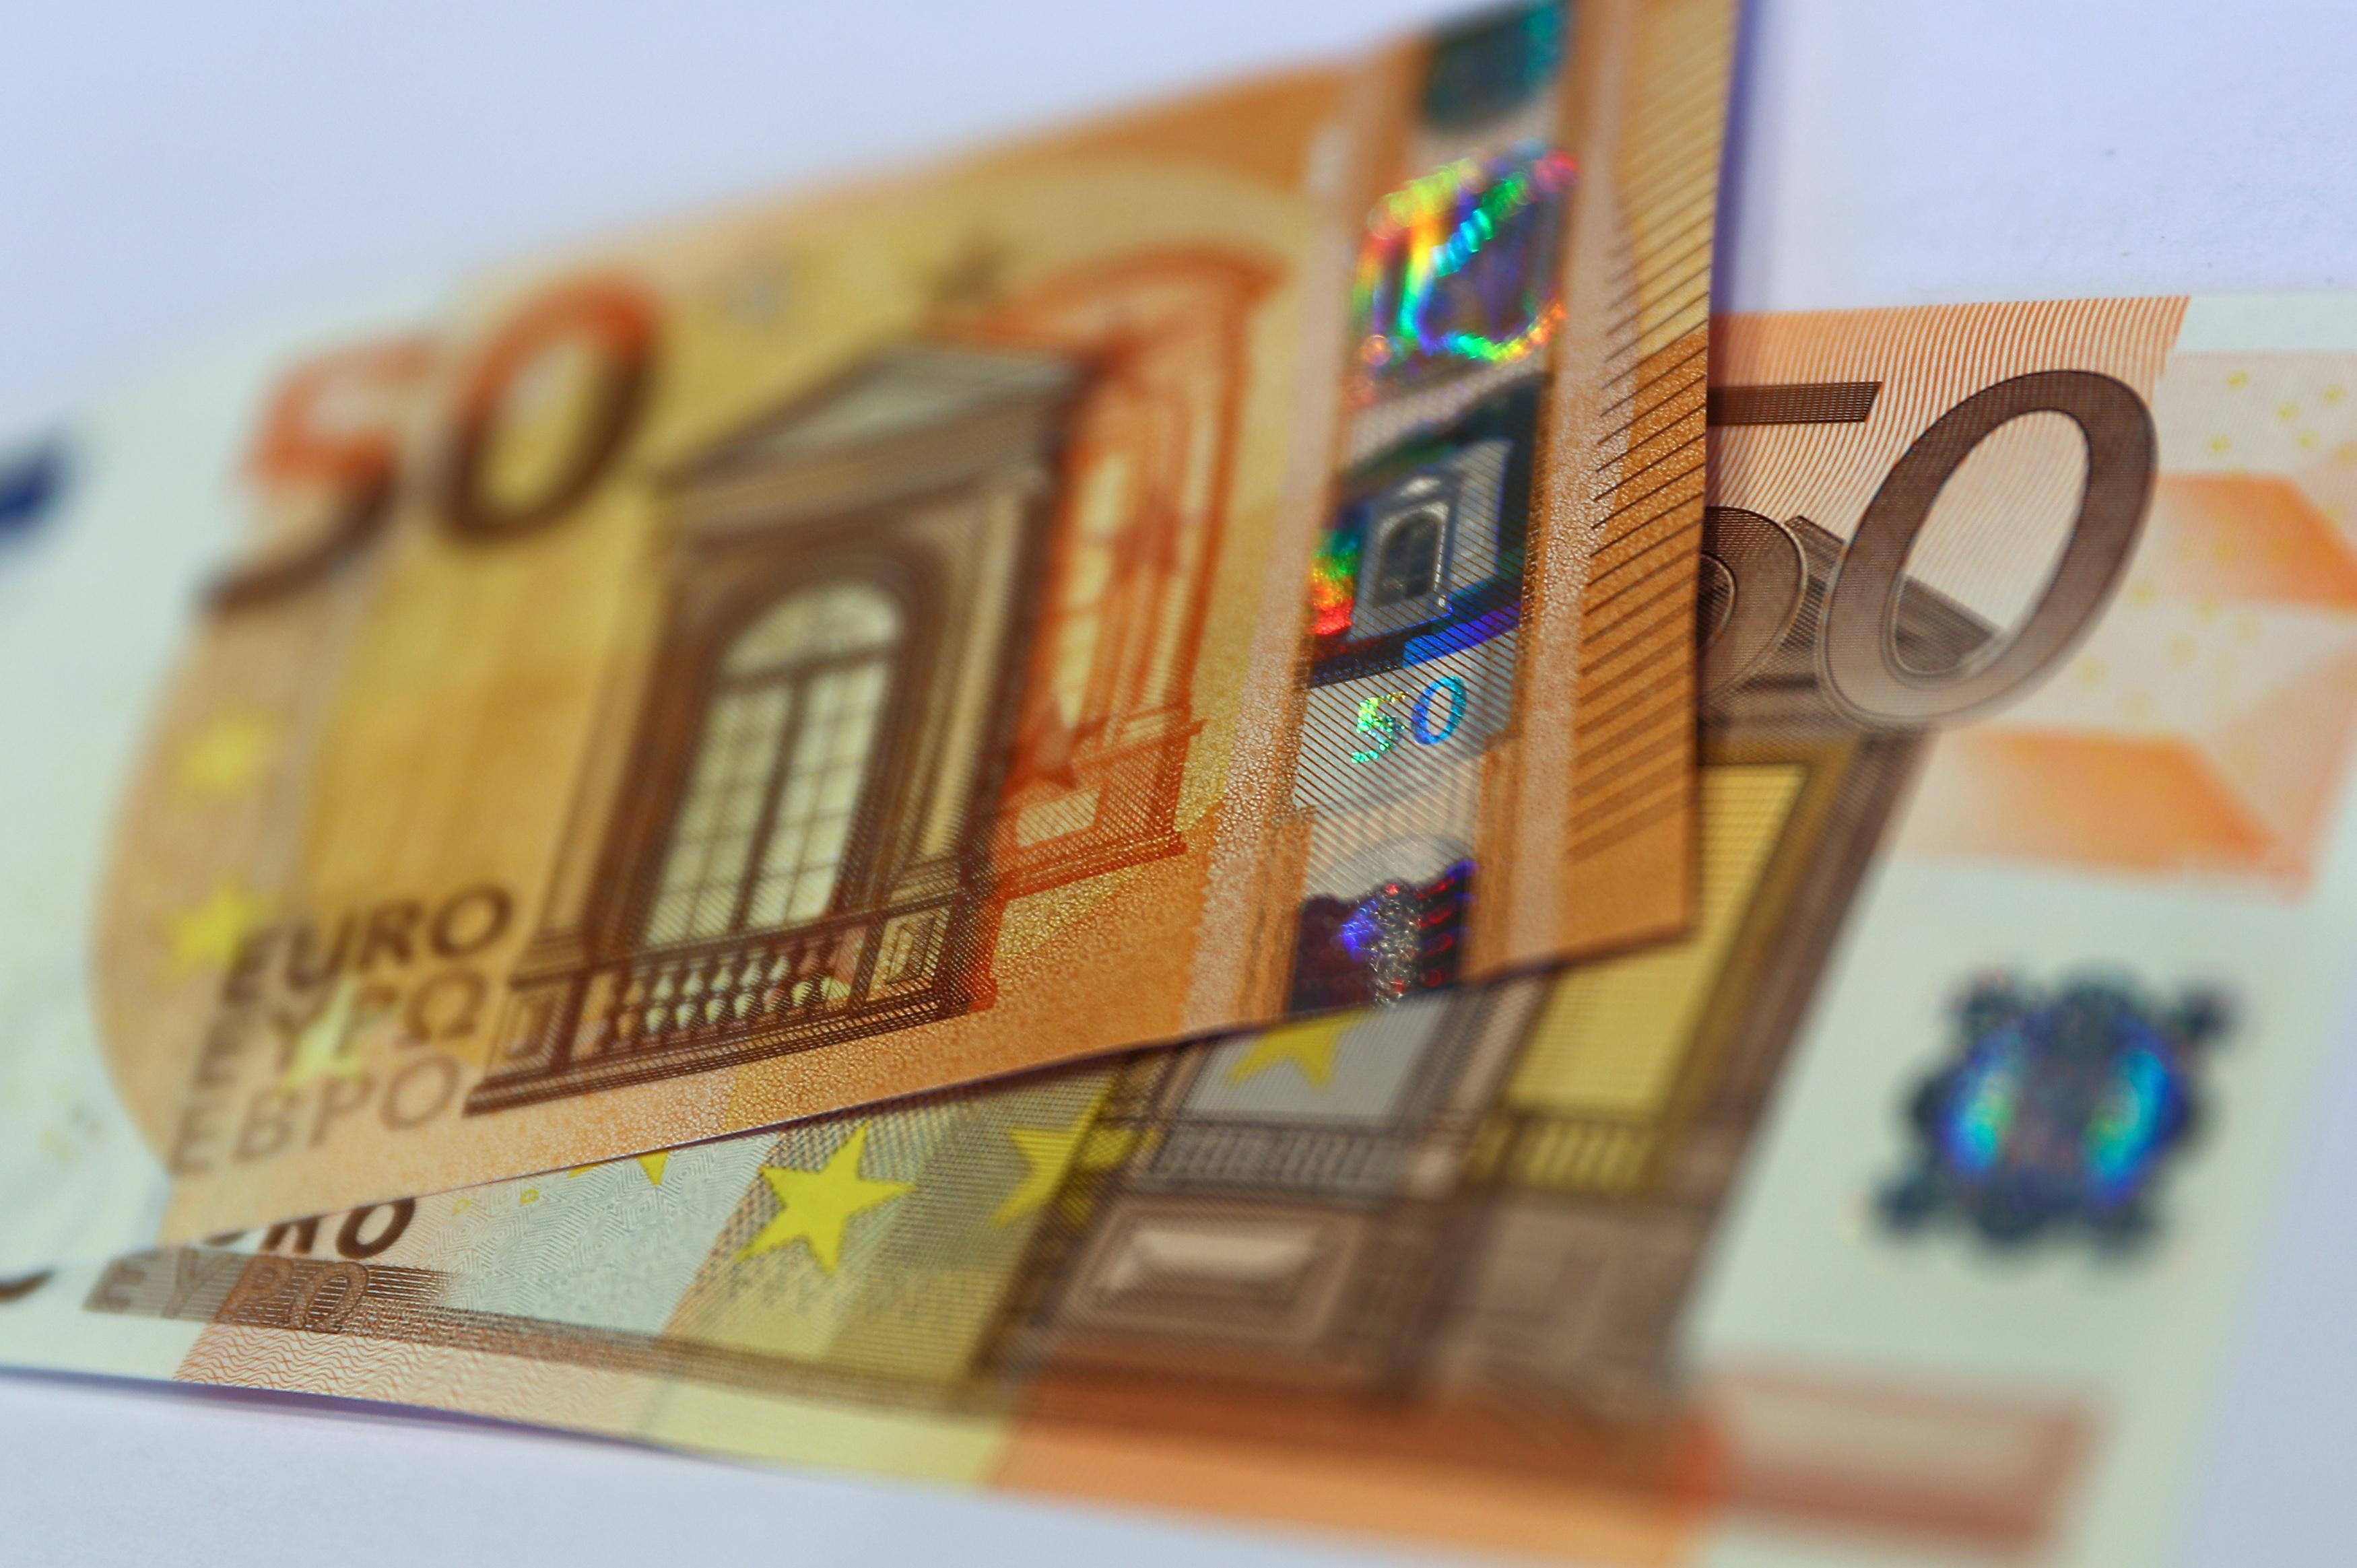 Το χρώμα του χρήματος! Σχέδιο για μείωση των ληξιπρόθεσμων με κερδισμένους χιλιάδες συνταξιούχους